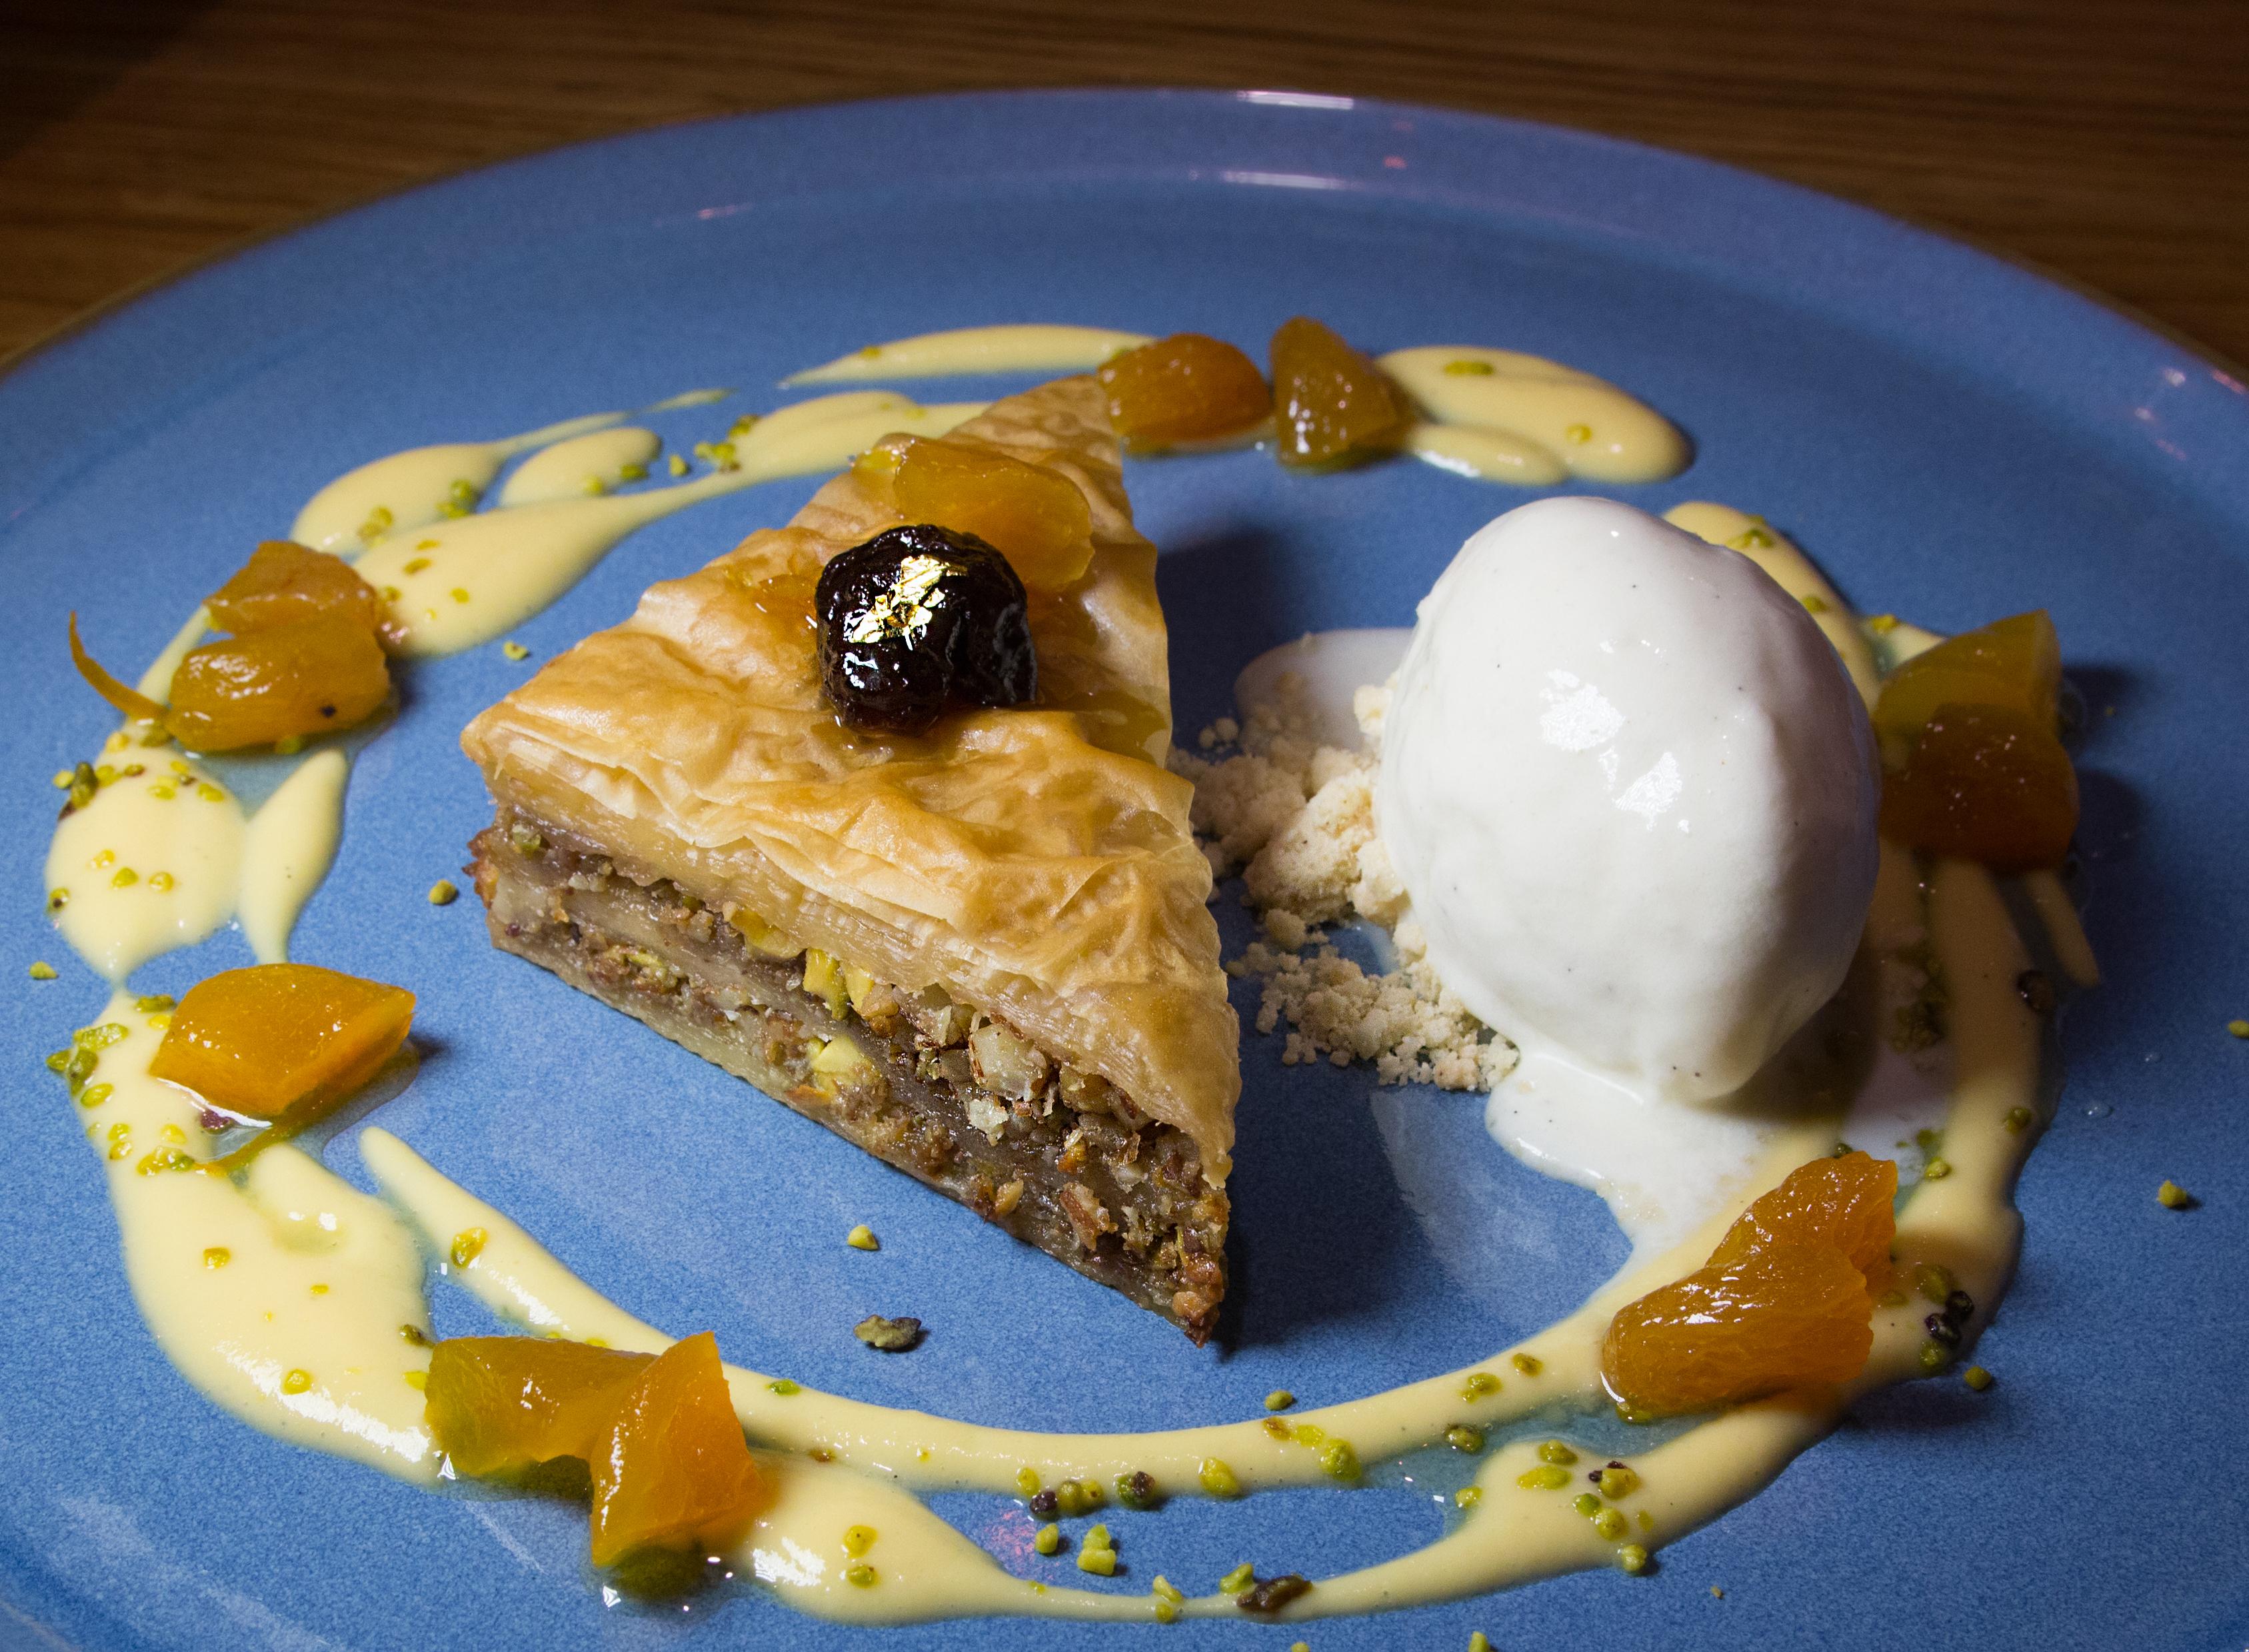 Metzo's dessert